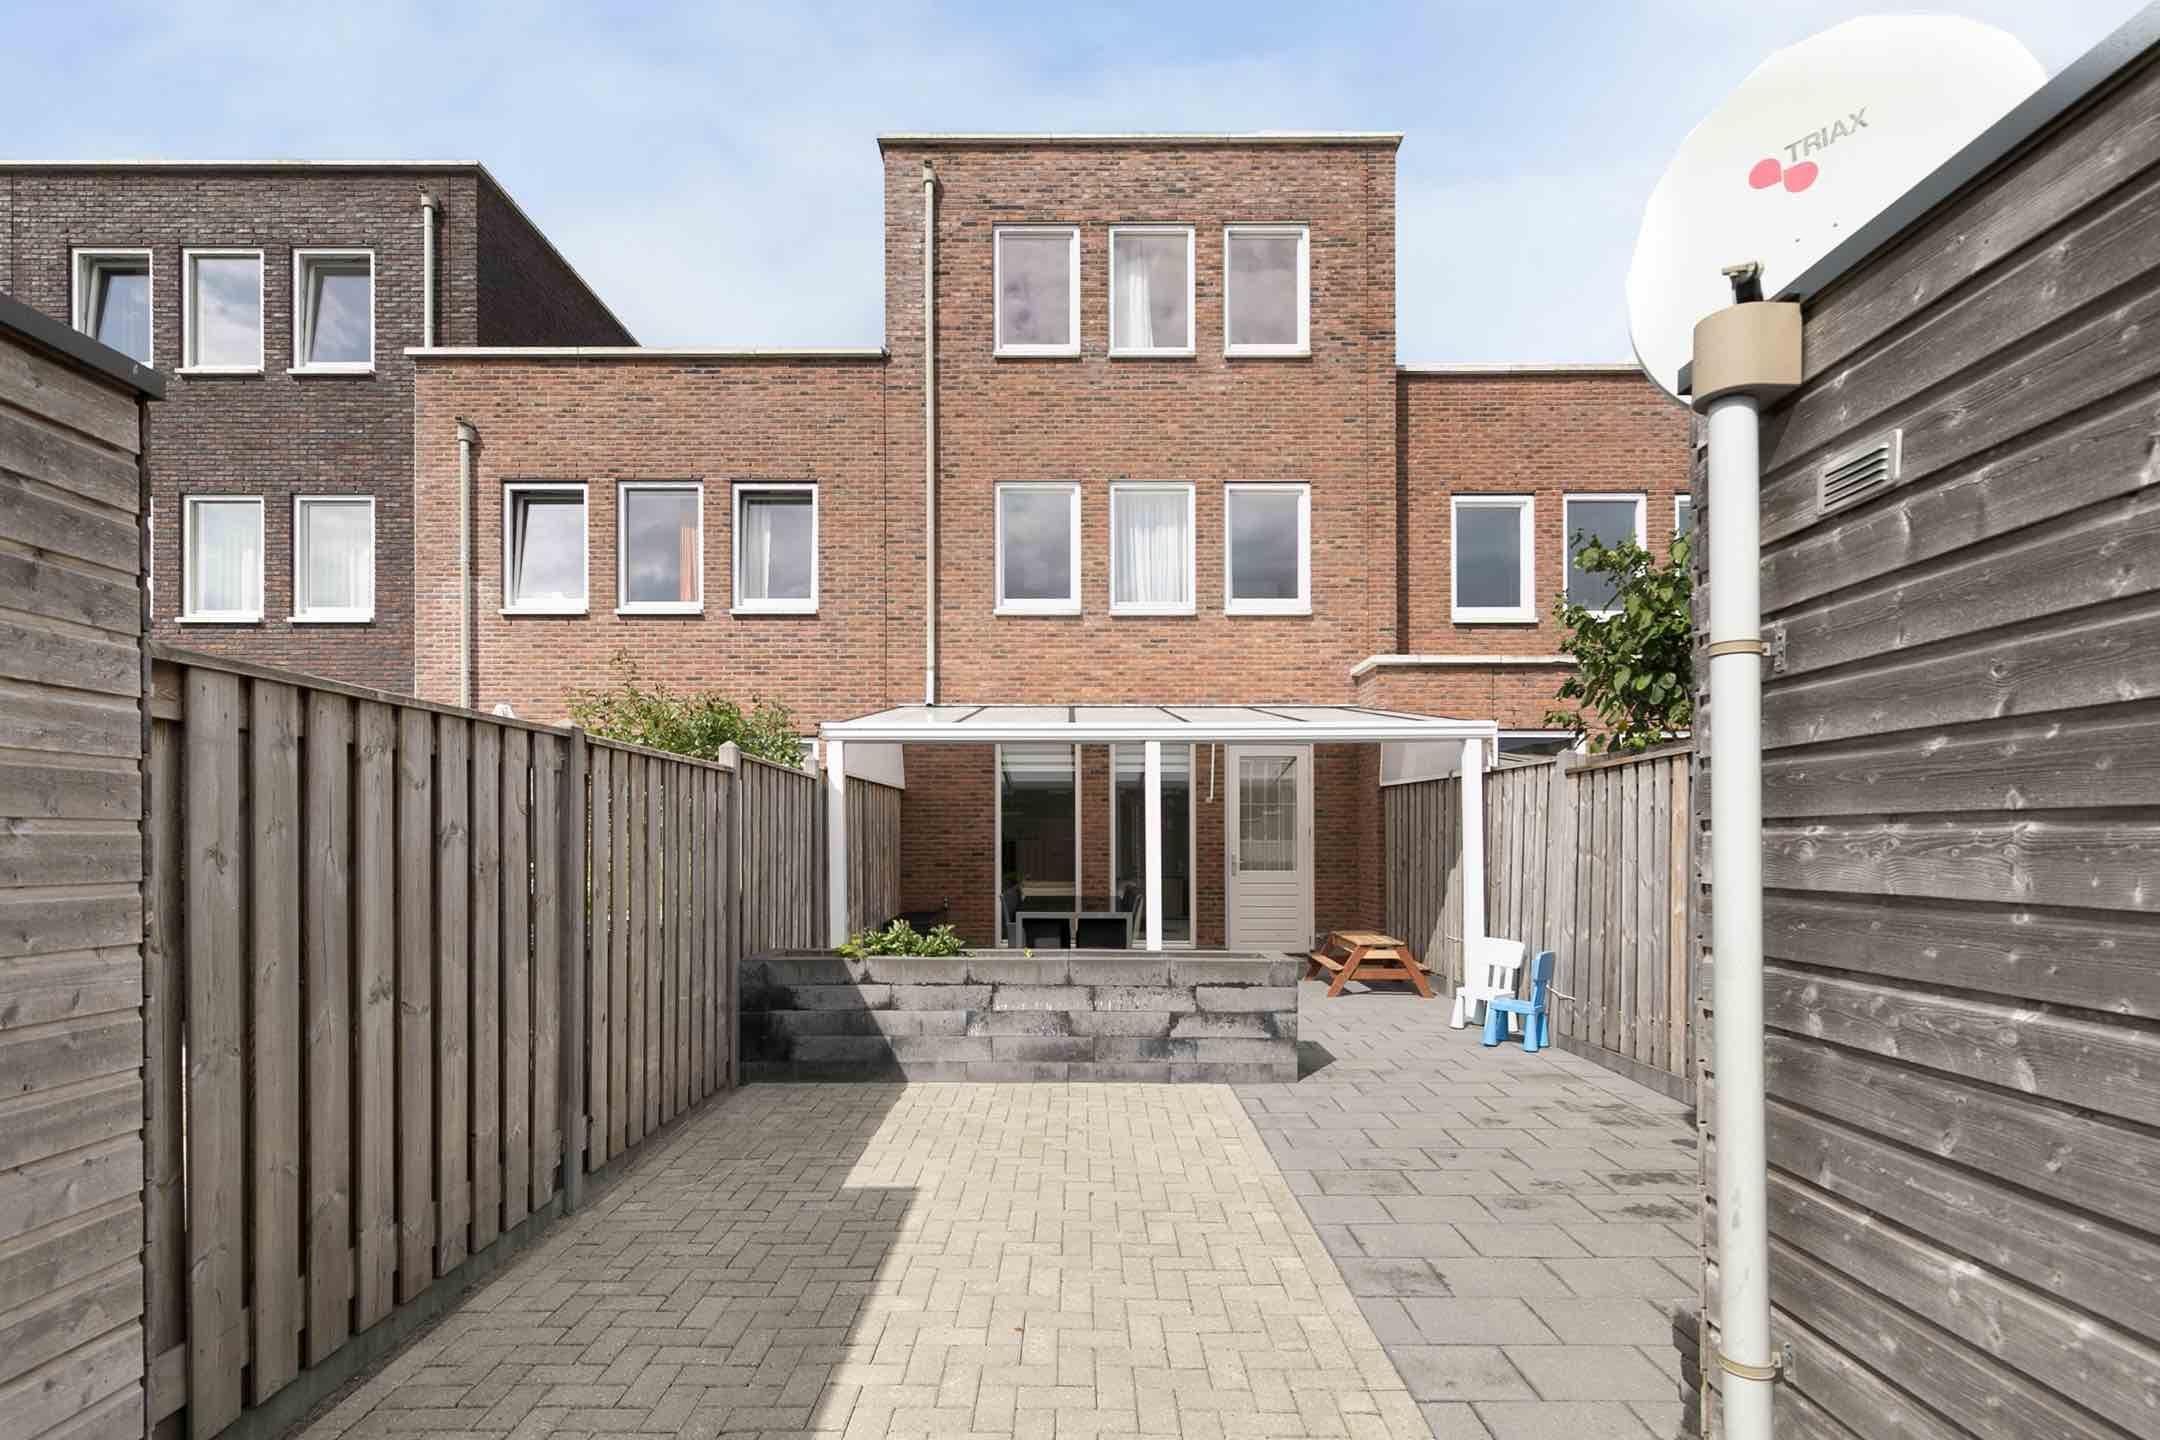 Huis te koop stavorenstraat 17 3826 cj amersfoort funda for Huizen te koop amersfoort